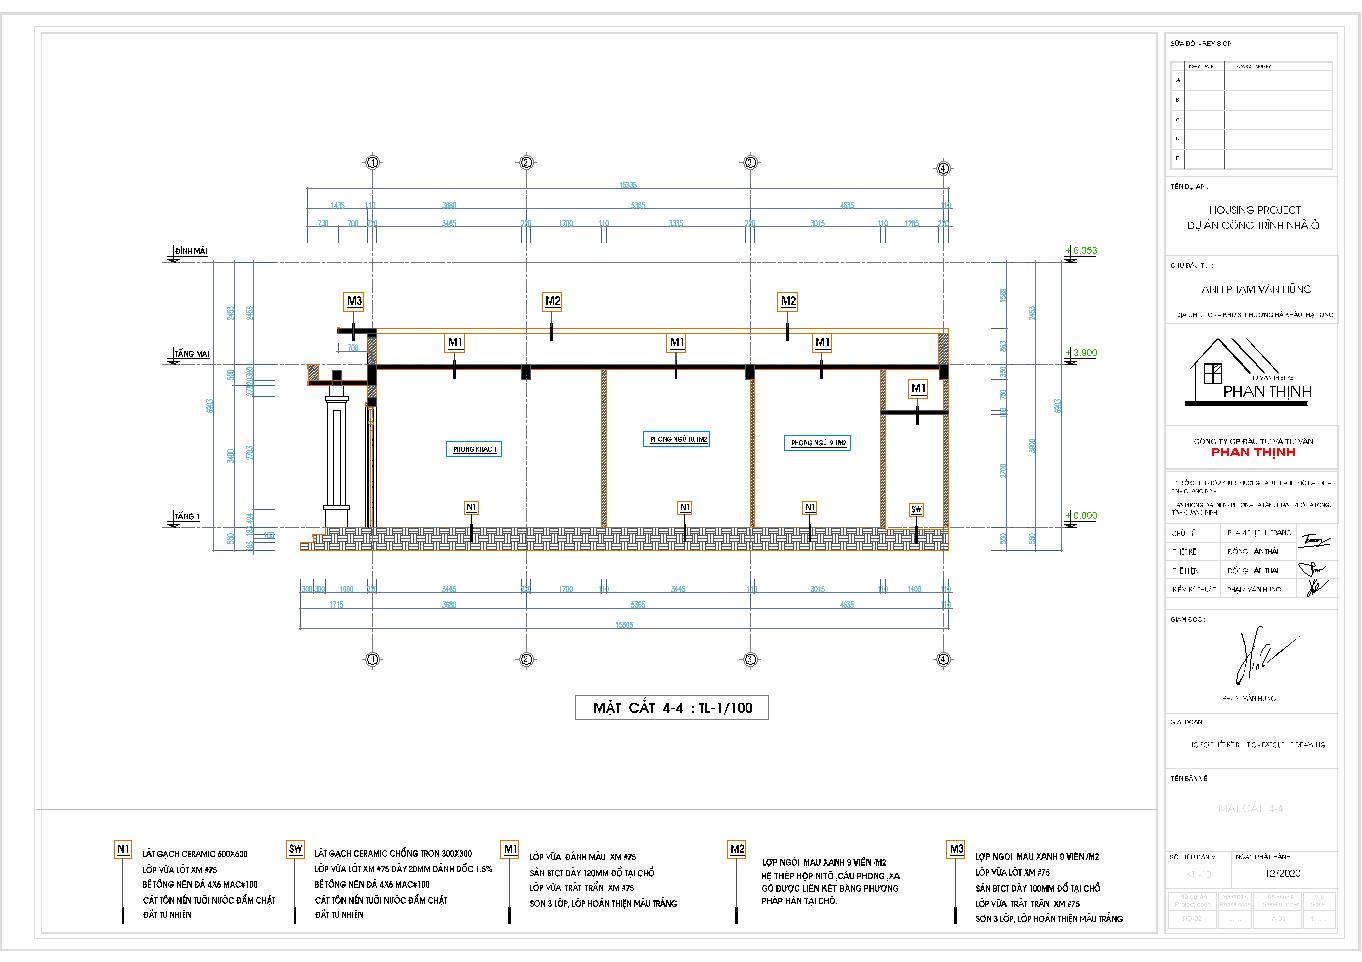 Mặt cắt 4 của ngôi nhà mái thái 1 tầng